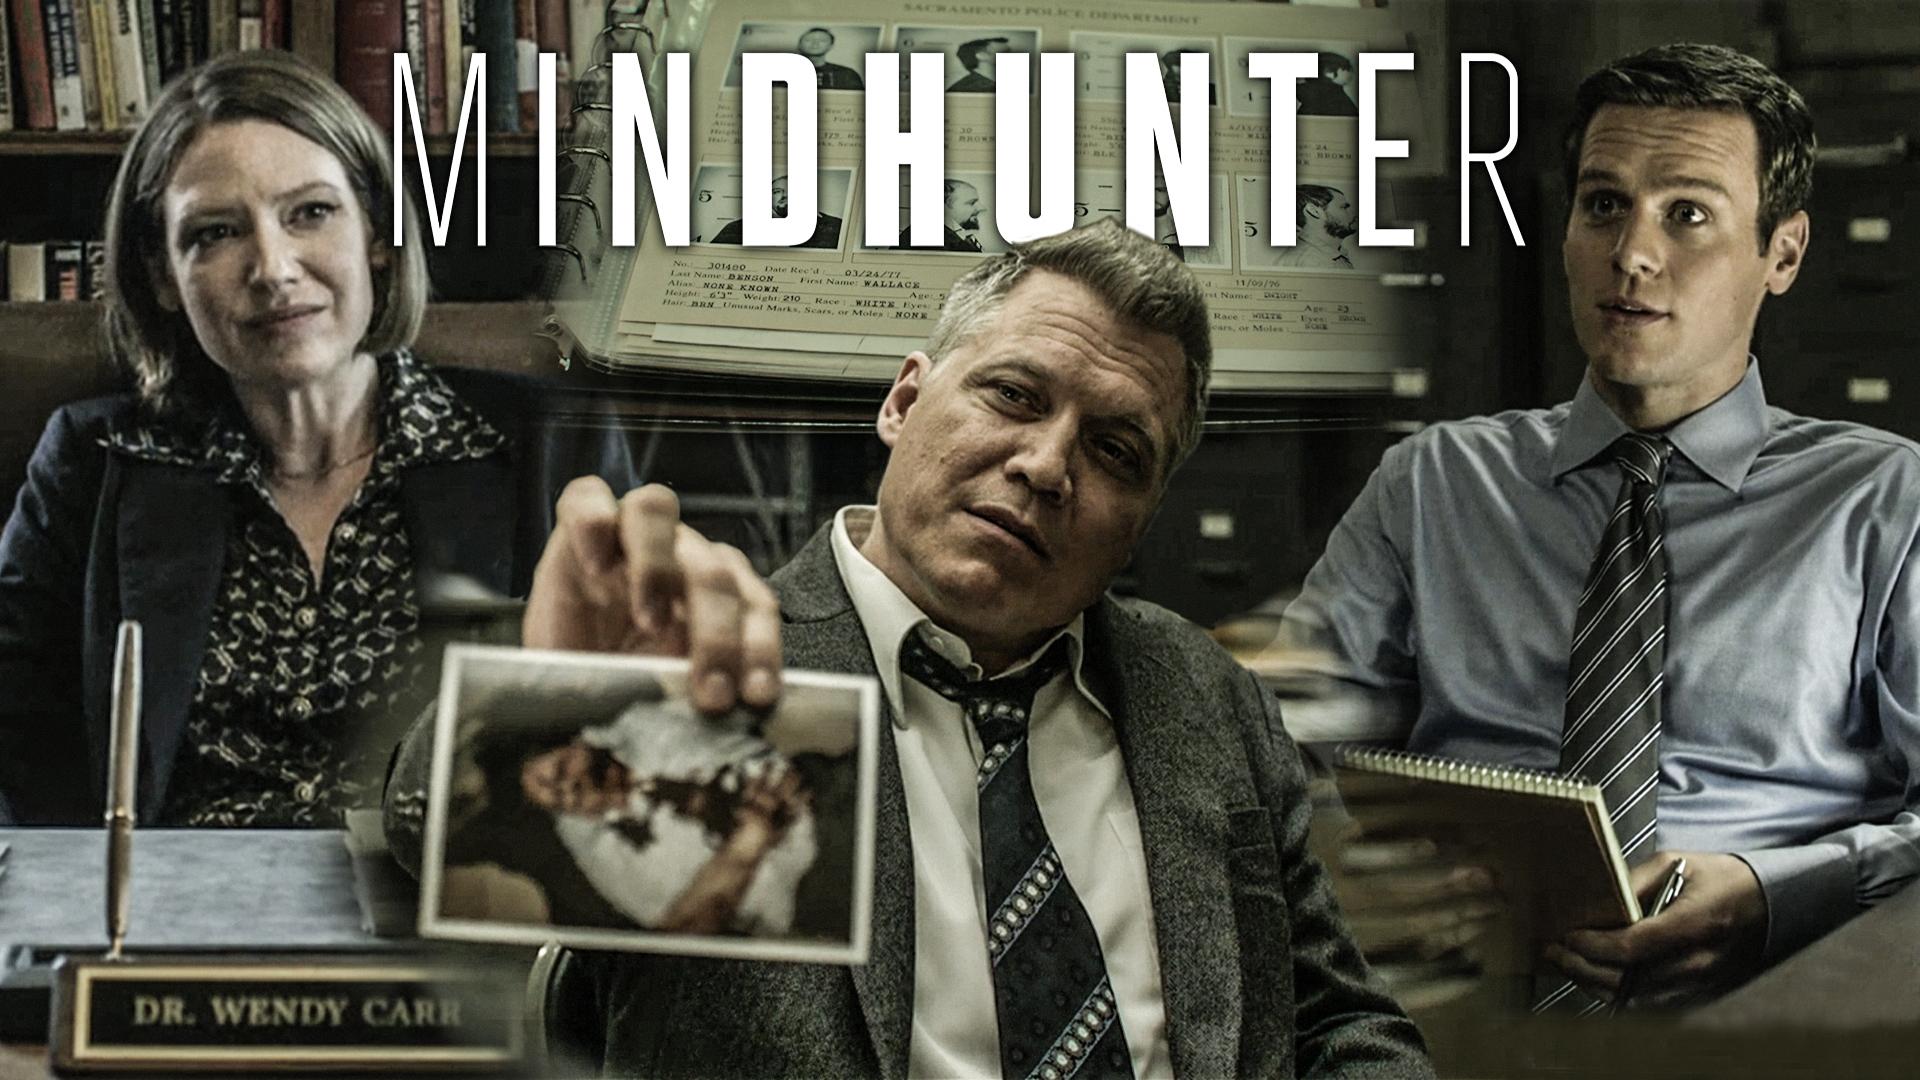 【墨菲】《心灵猎人》第3期:犯罪心理学首案告捷,反社会心理研究博士助阵